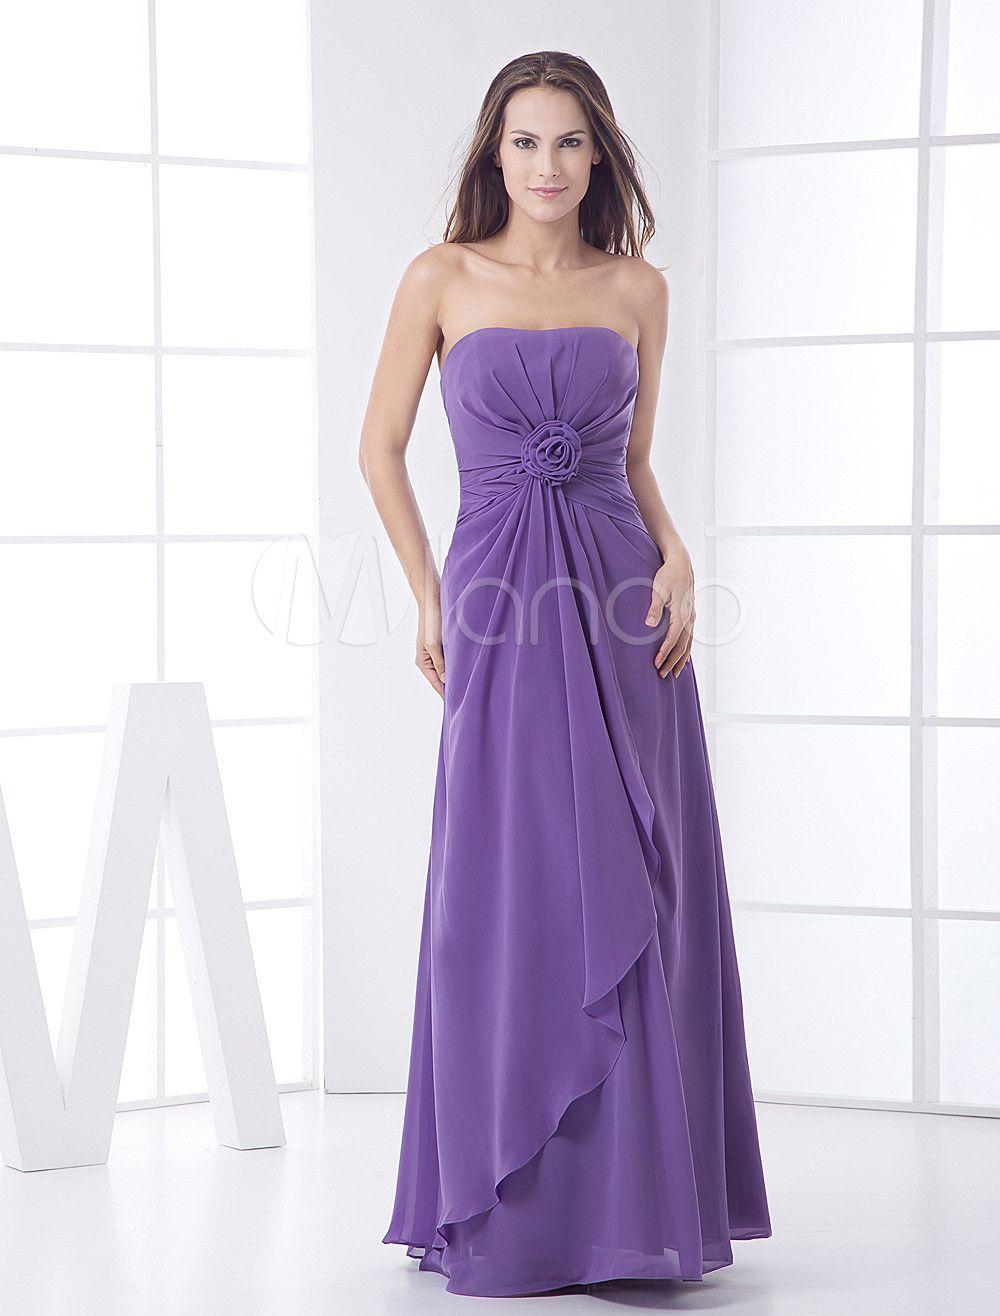 Único Vestido Infinito Para Damas Colección - Vestido de Novia Para ...